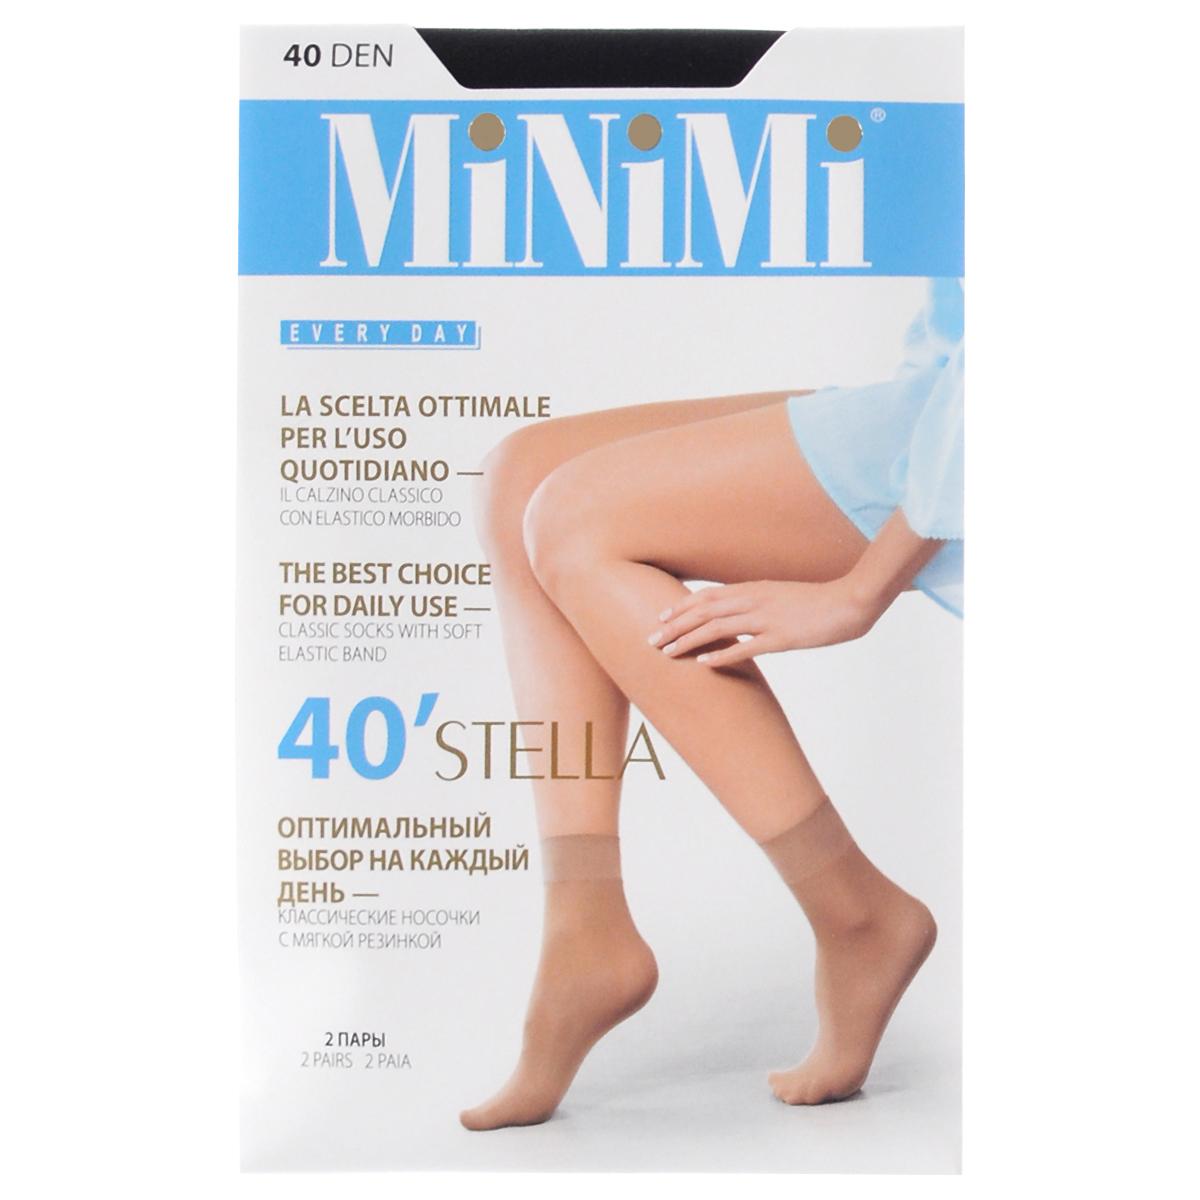 Носки женские Minimi Stella 40, 2 пары, цвет: Nero (черный). Размер универсальныйSTELLA 40Классические матовые носки Minimi Stella с комфортной резинкой и укрепленным мыском. В комплект входят 2 пары. Плотность: 40 den.